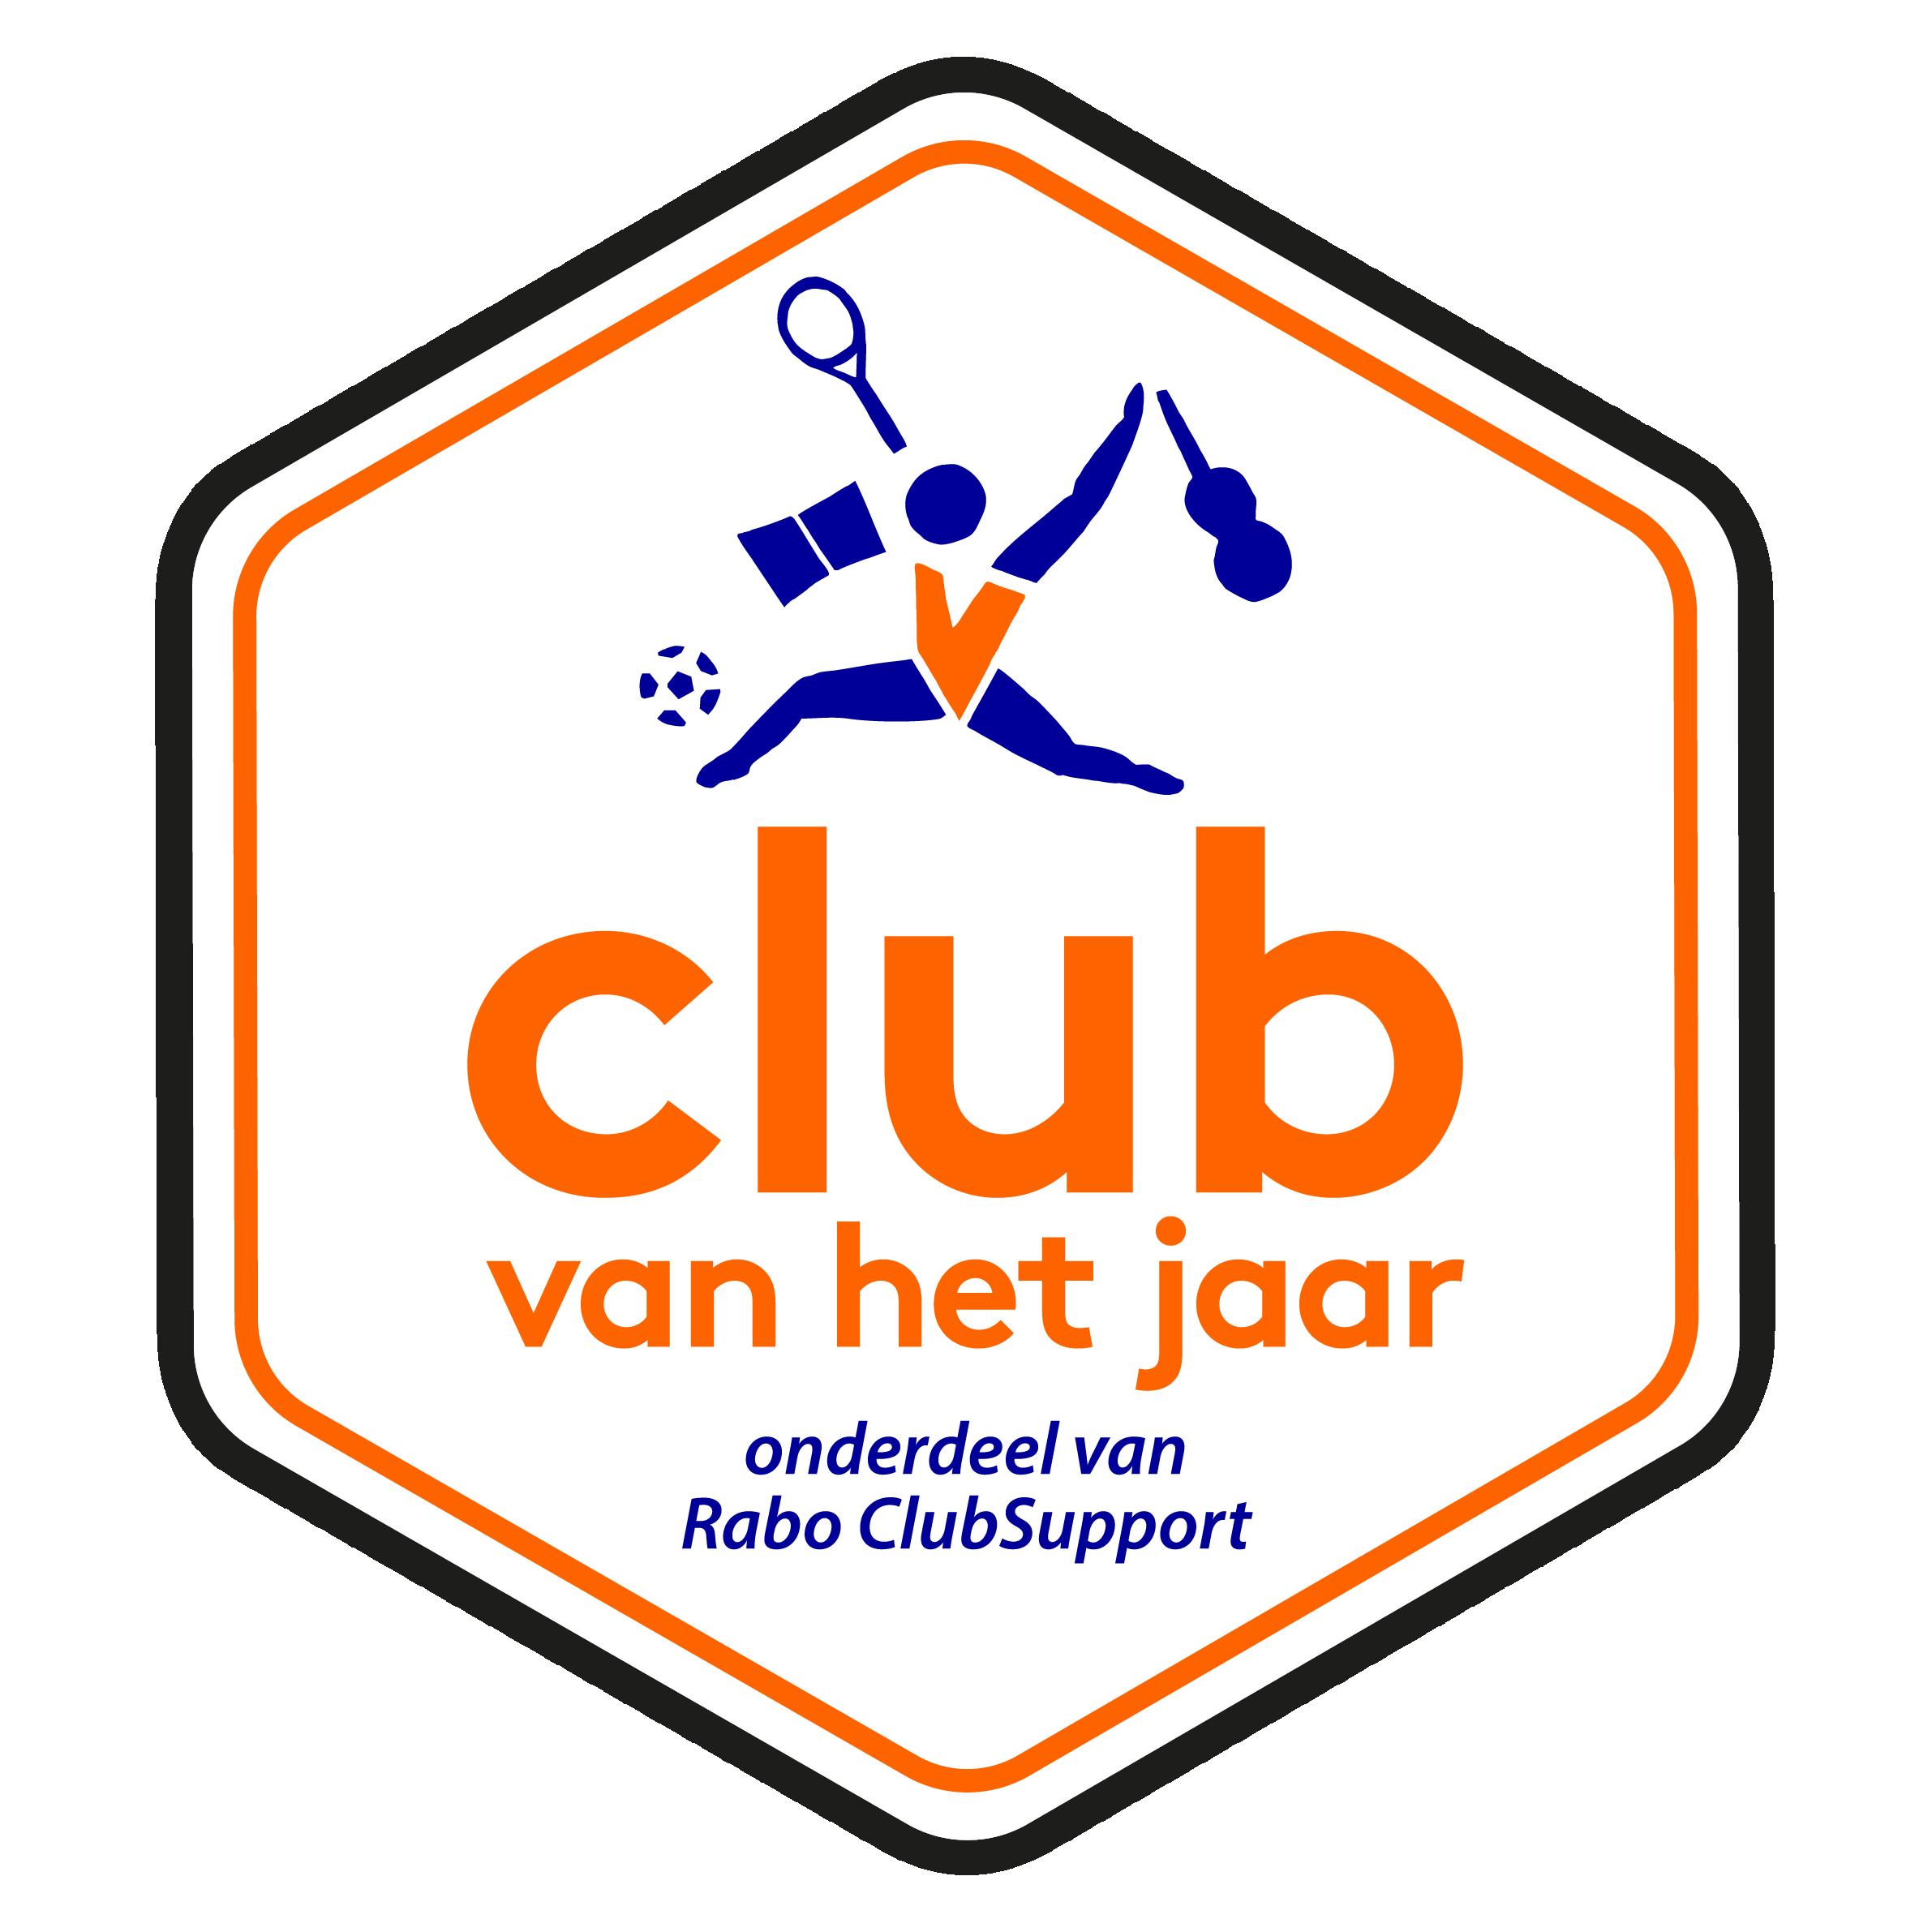 Club van het jaar